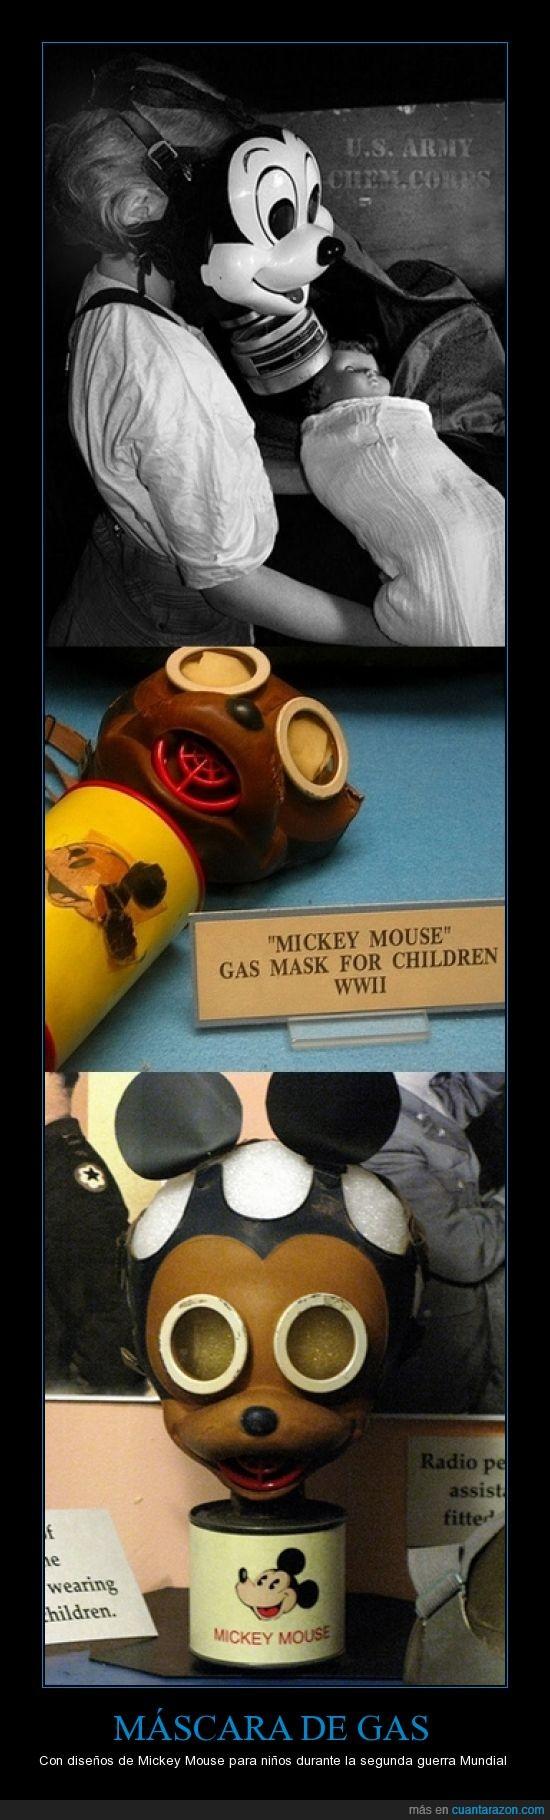 escalofriante,máscara de gas,Mickey Mouse,no me lo pondría,segunda guerra mundial